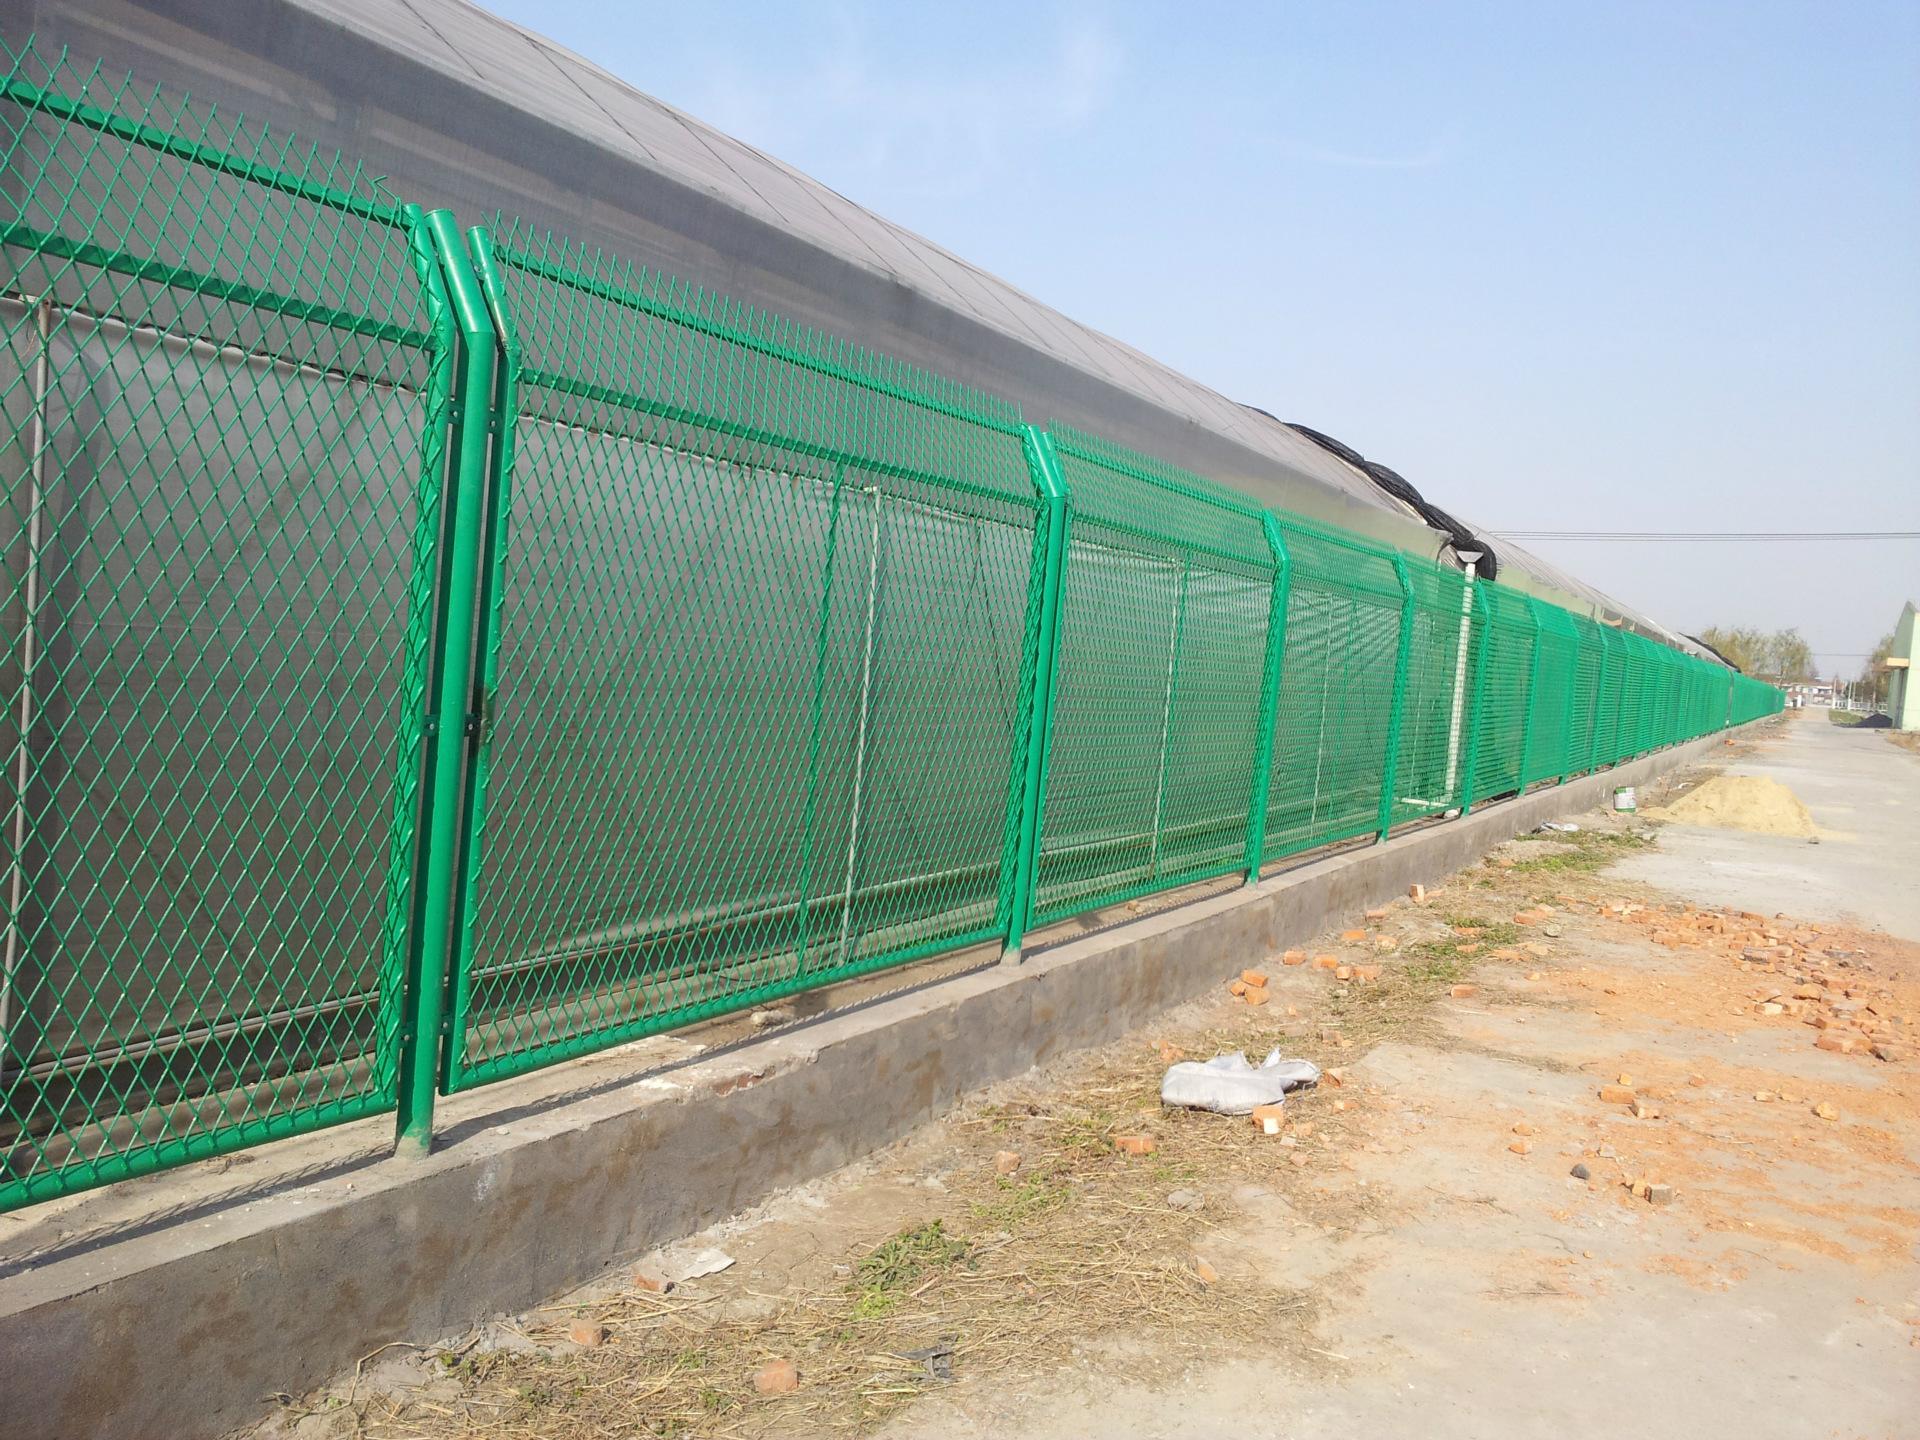 【防撞波形镀锌护栏板厂 定西镀锌护栏板厂家 鲁冠护... -搜了网